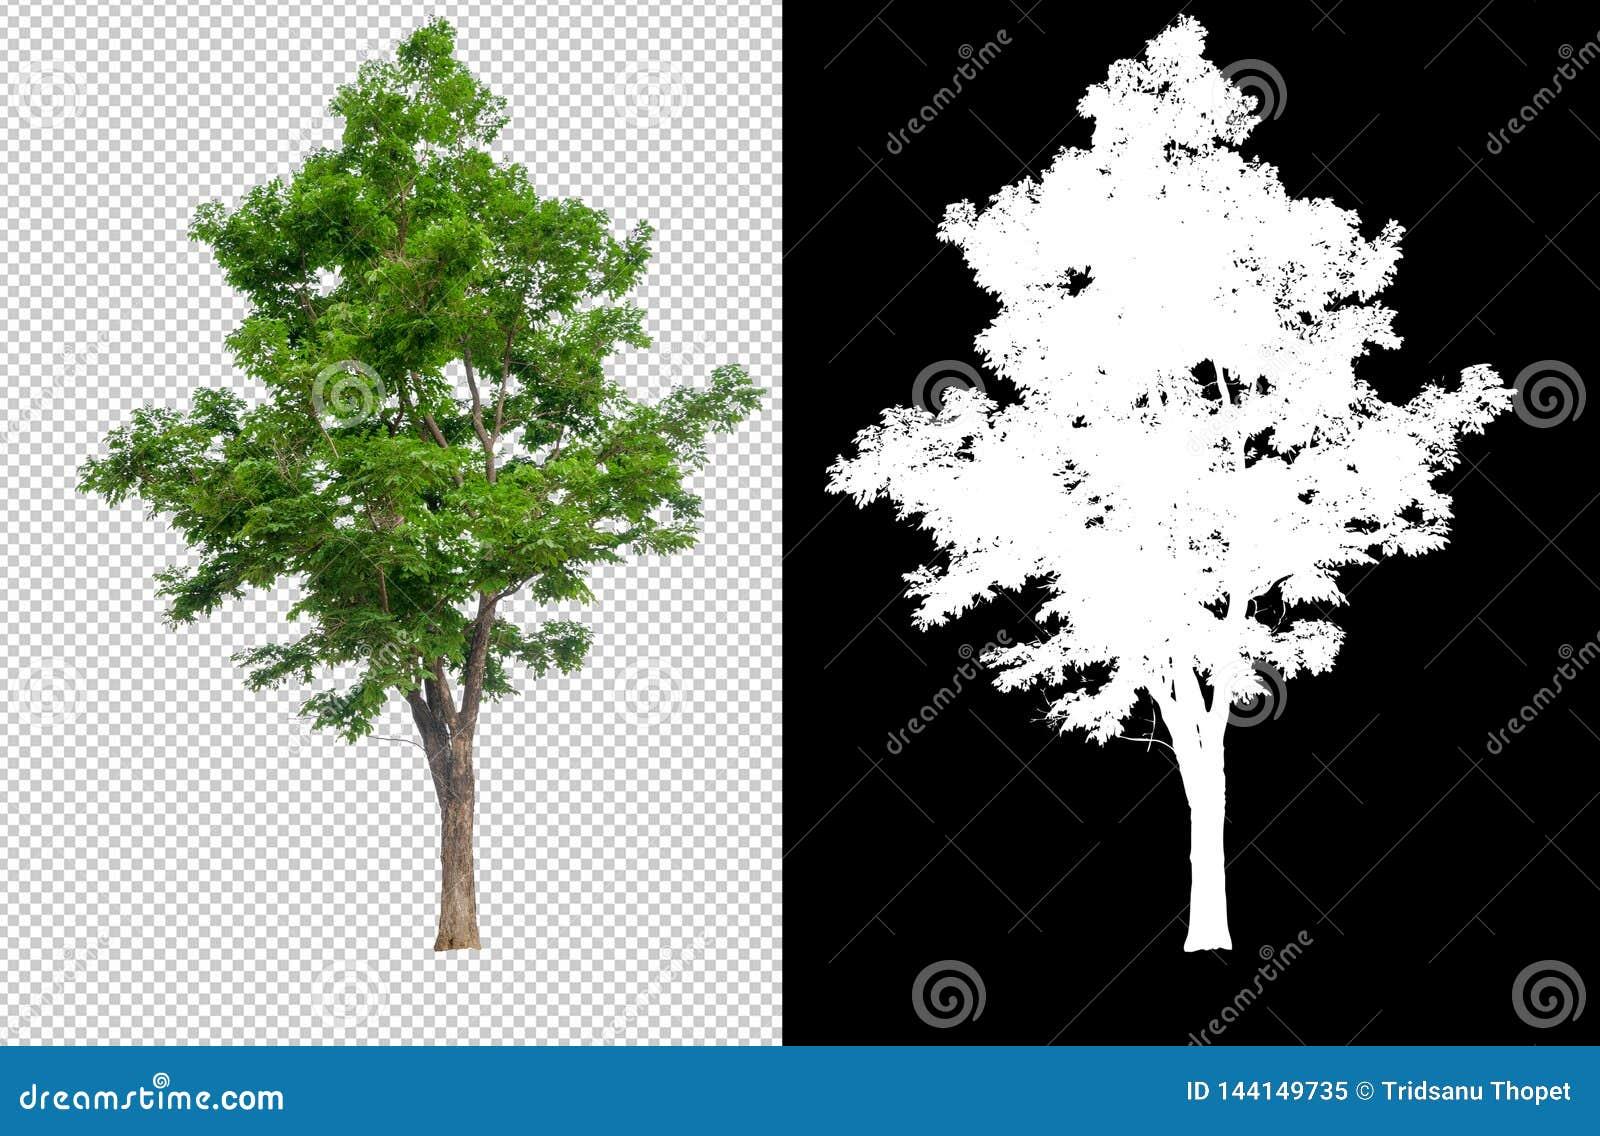 在透明图片背景的唯一树与裁减路线,与裁减路线的唯一树和在黑色的阿尔法通道